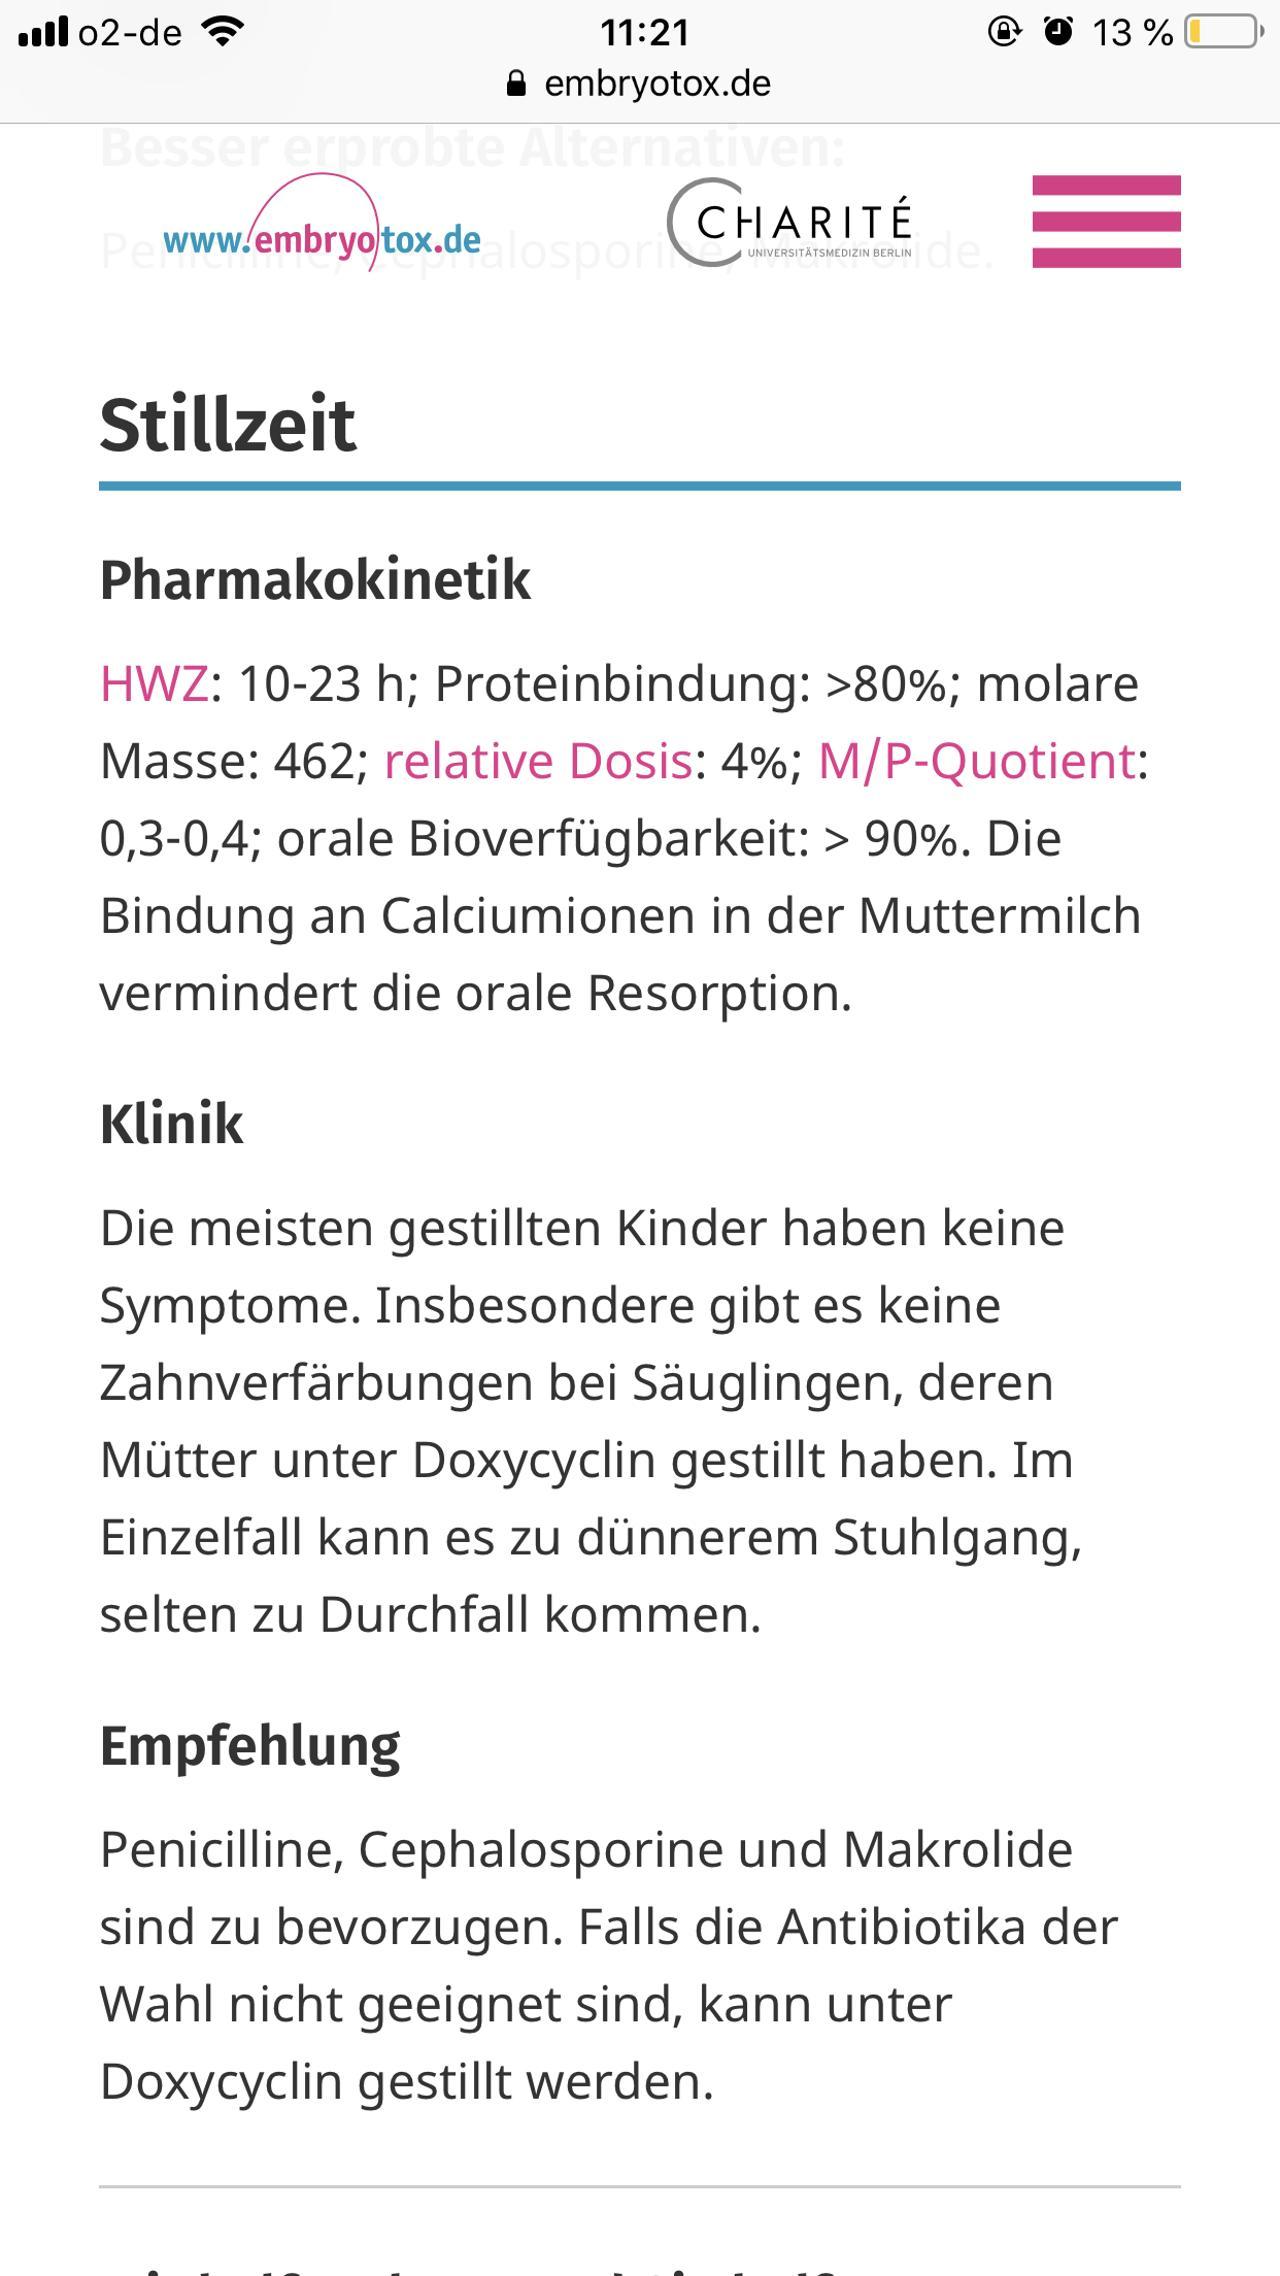 Doxycyclin In Stillzeit Forum Stillen Ernährung Urbiade